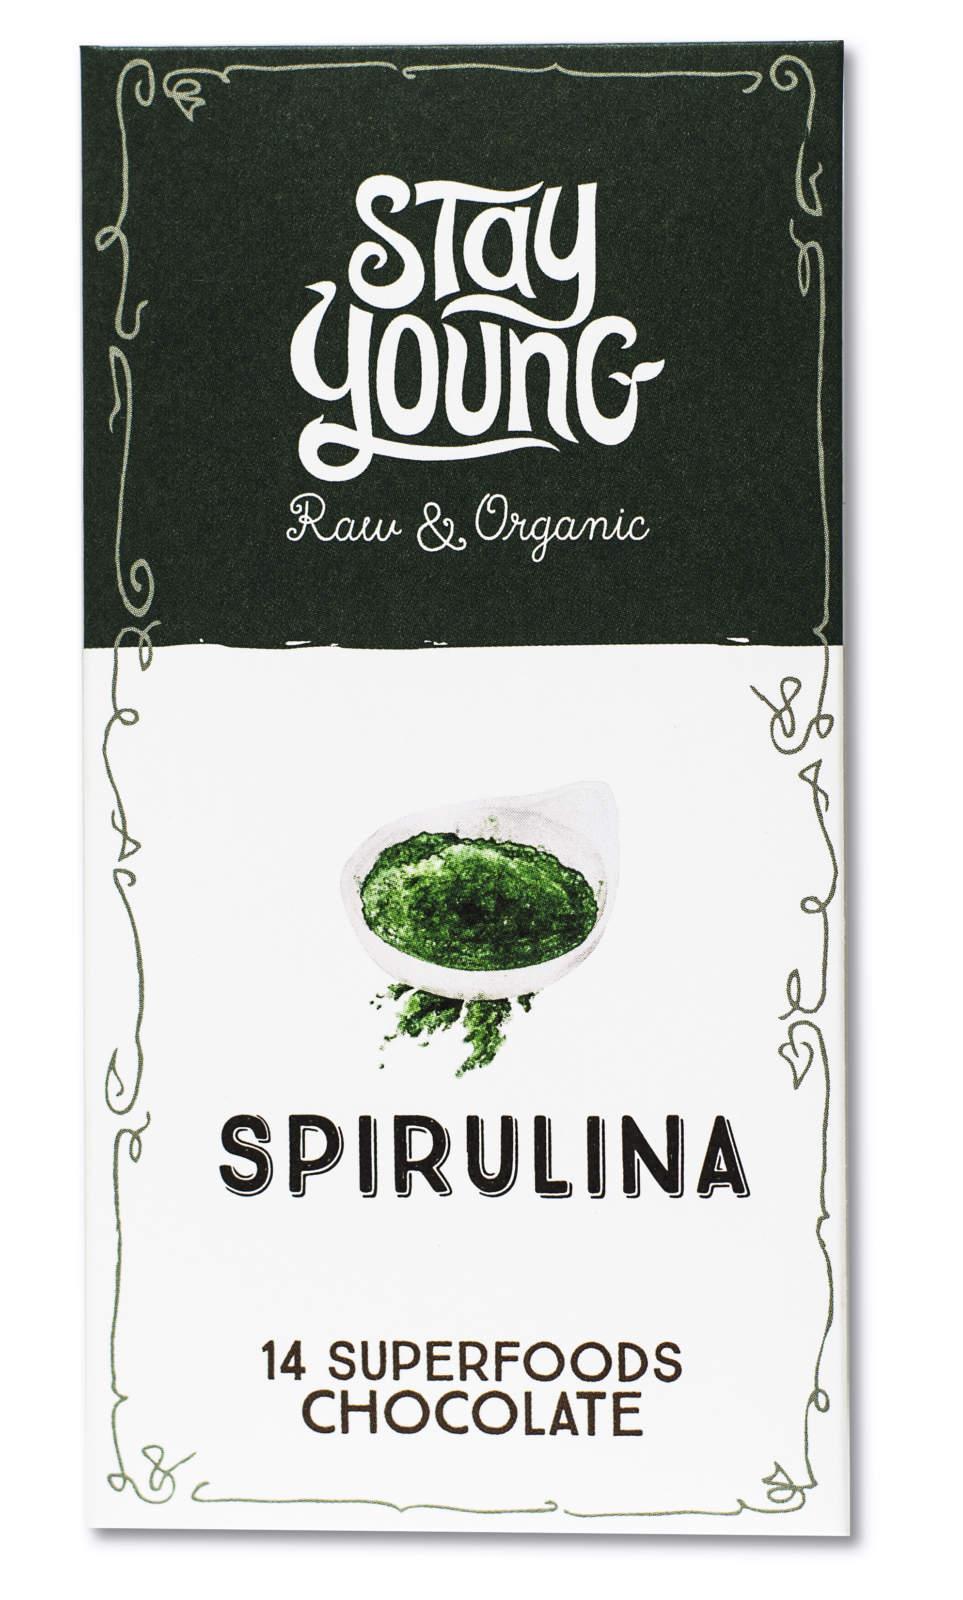 SpirulinaFront